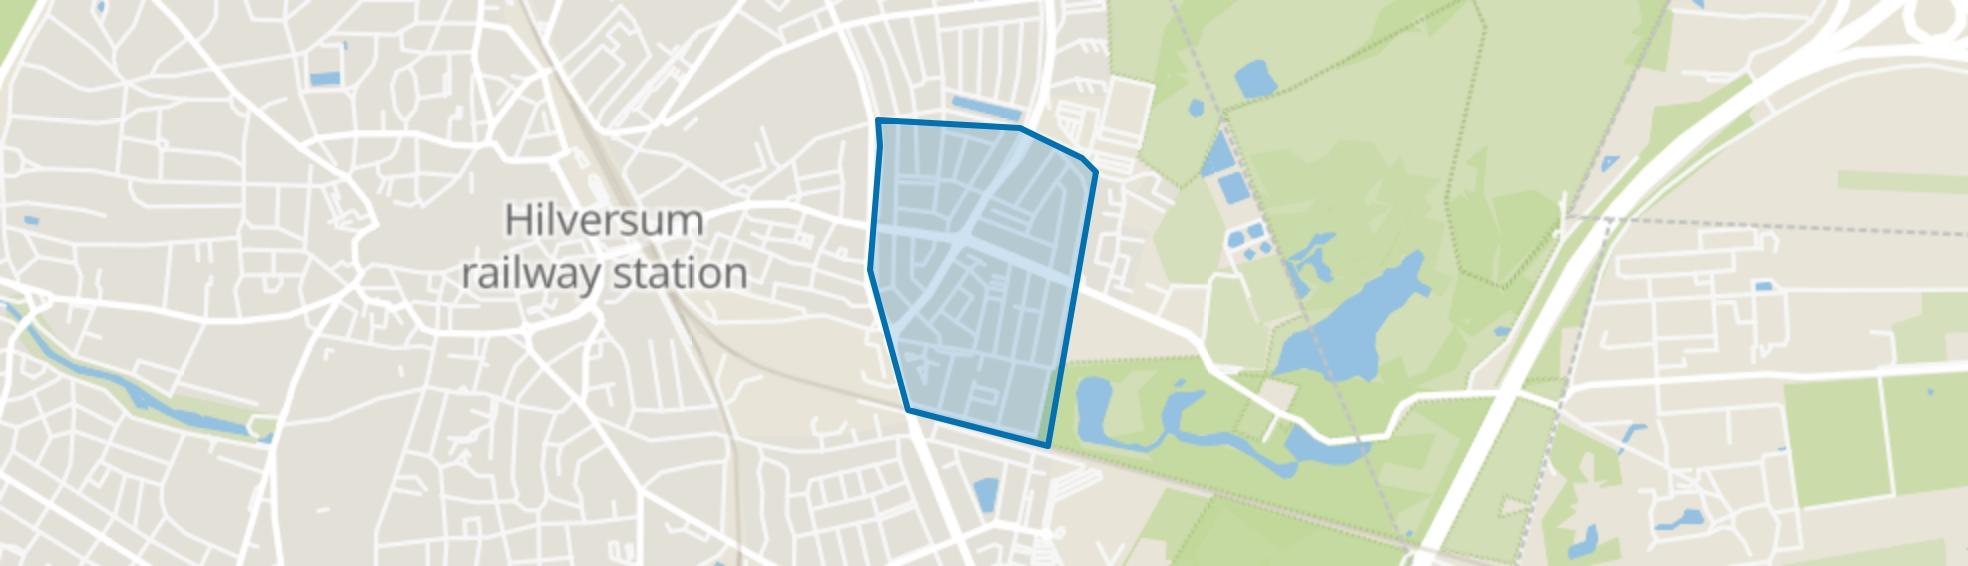 Liebergen, Hilversum map